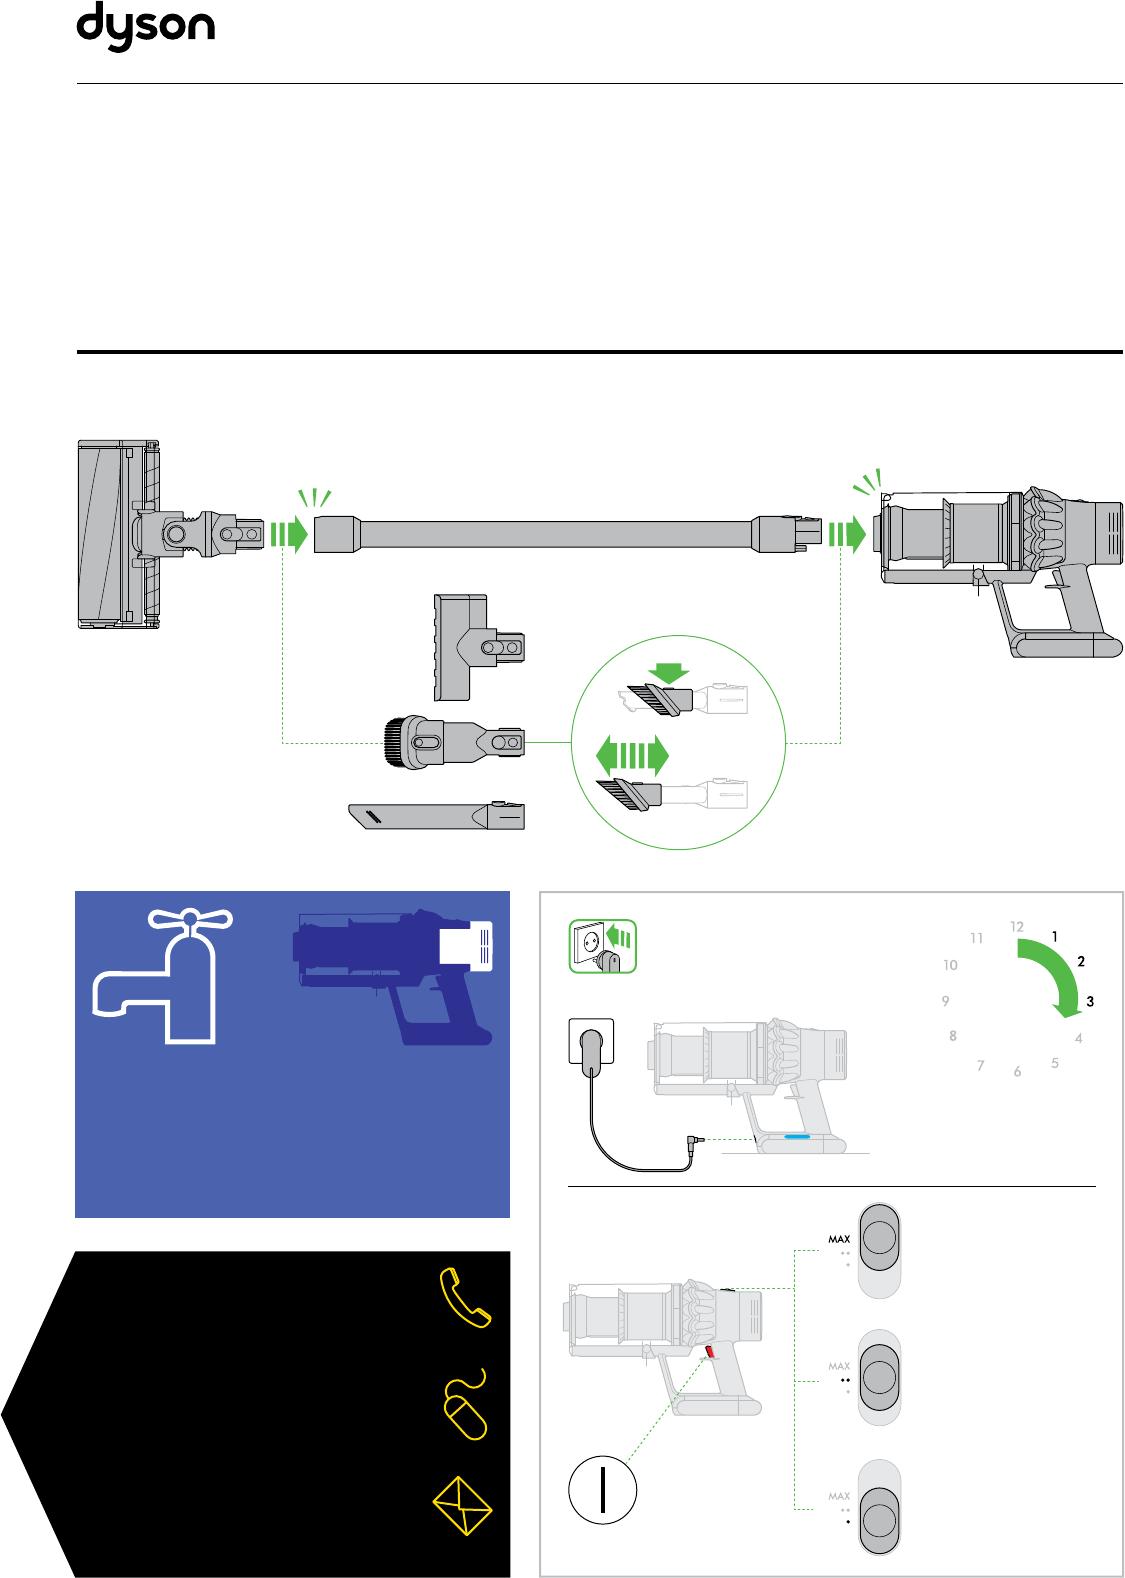 инструкция по эксплуатации пылесоса дайсон v6